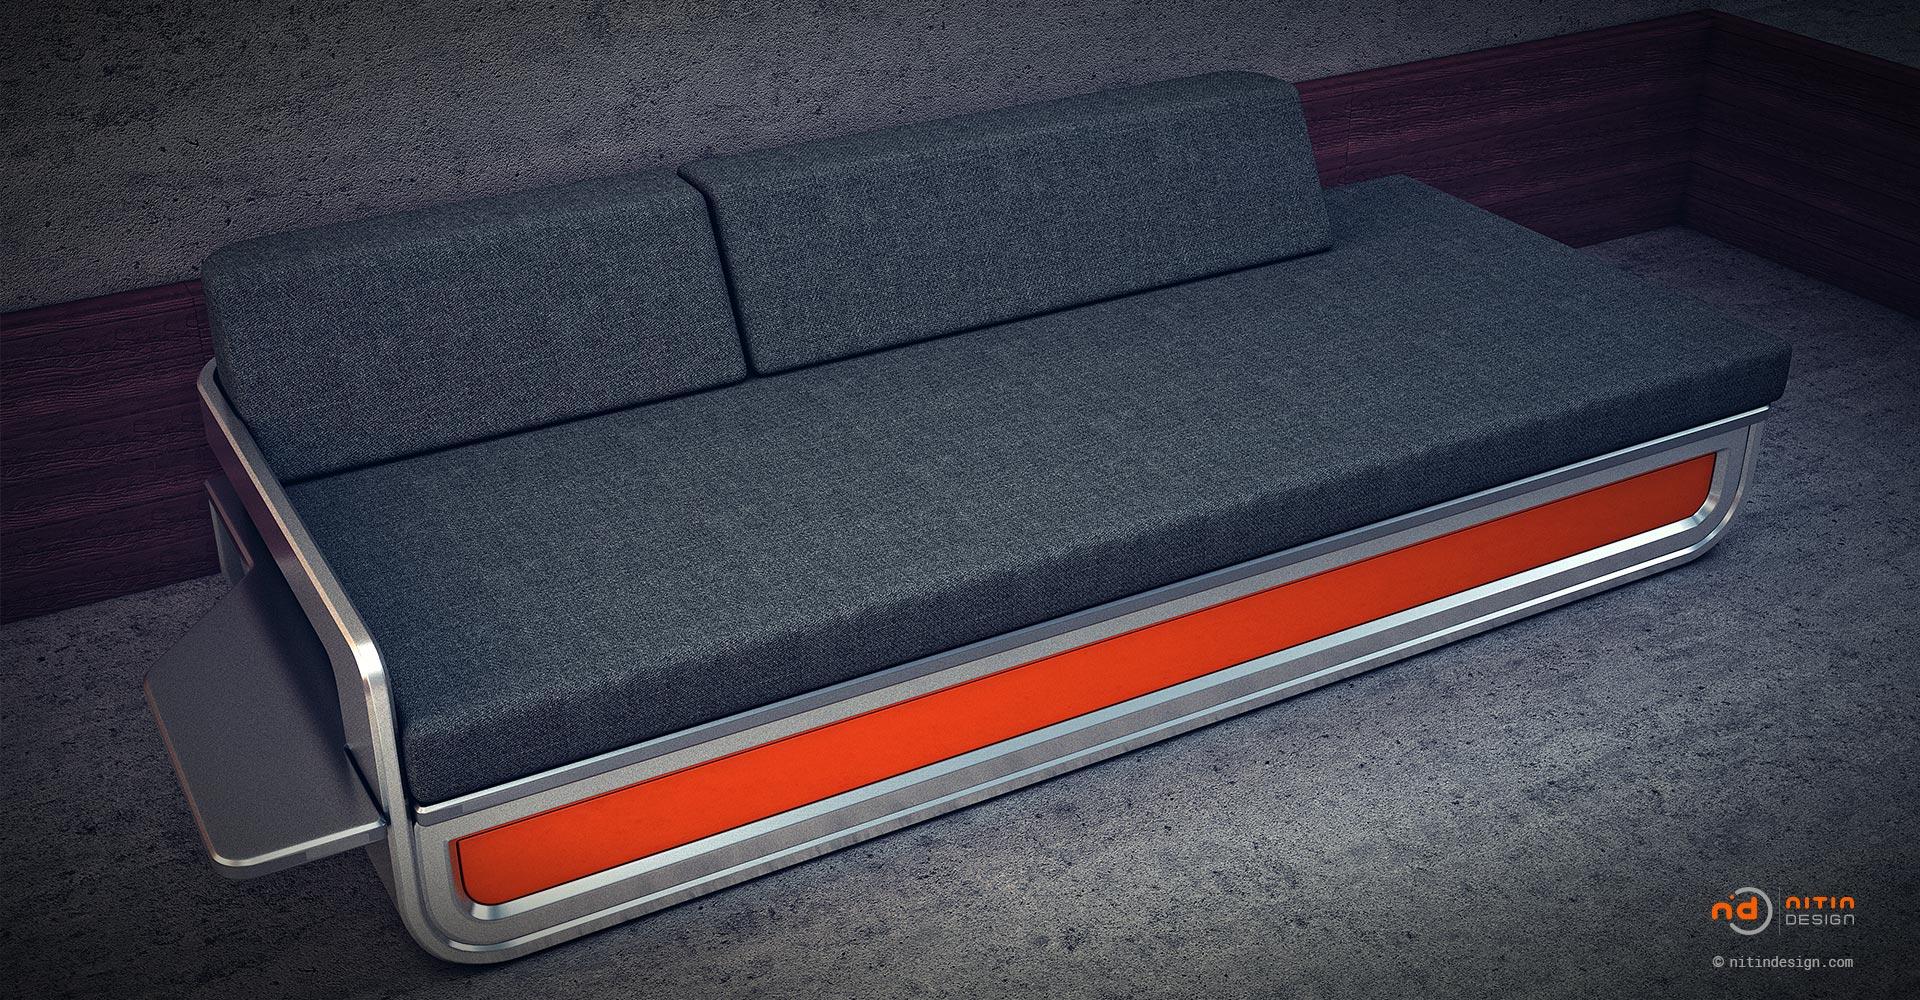 Substance-Sofa-NitinDesign